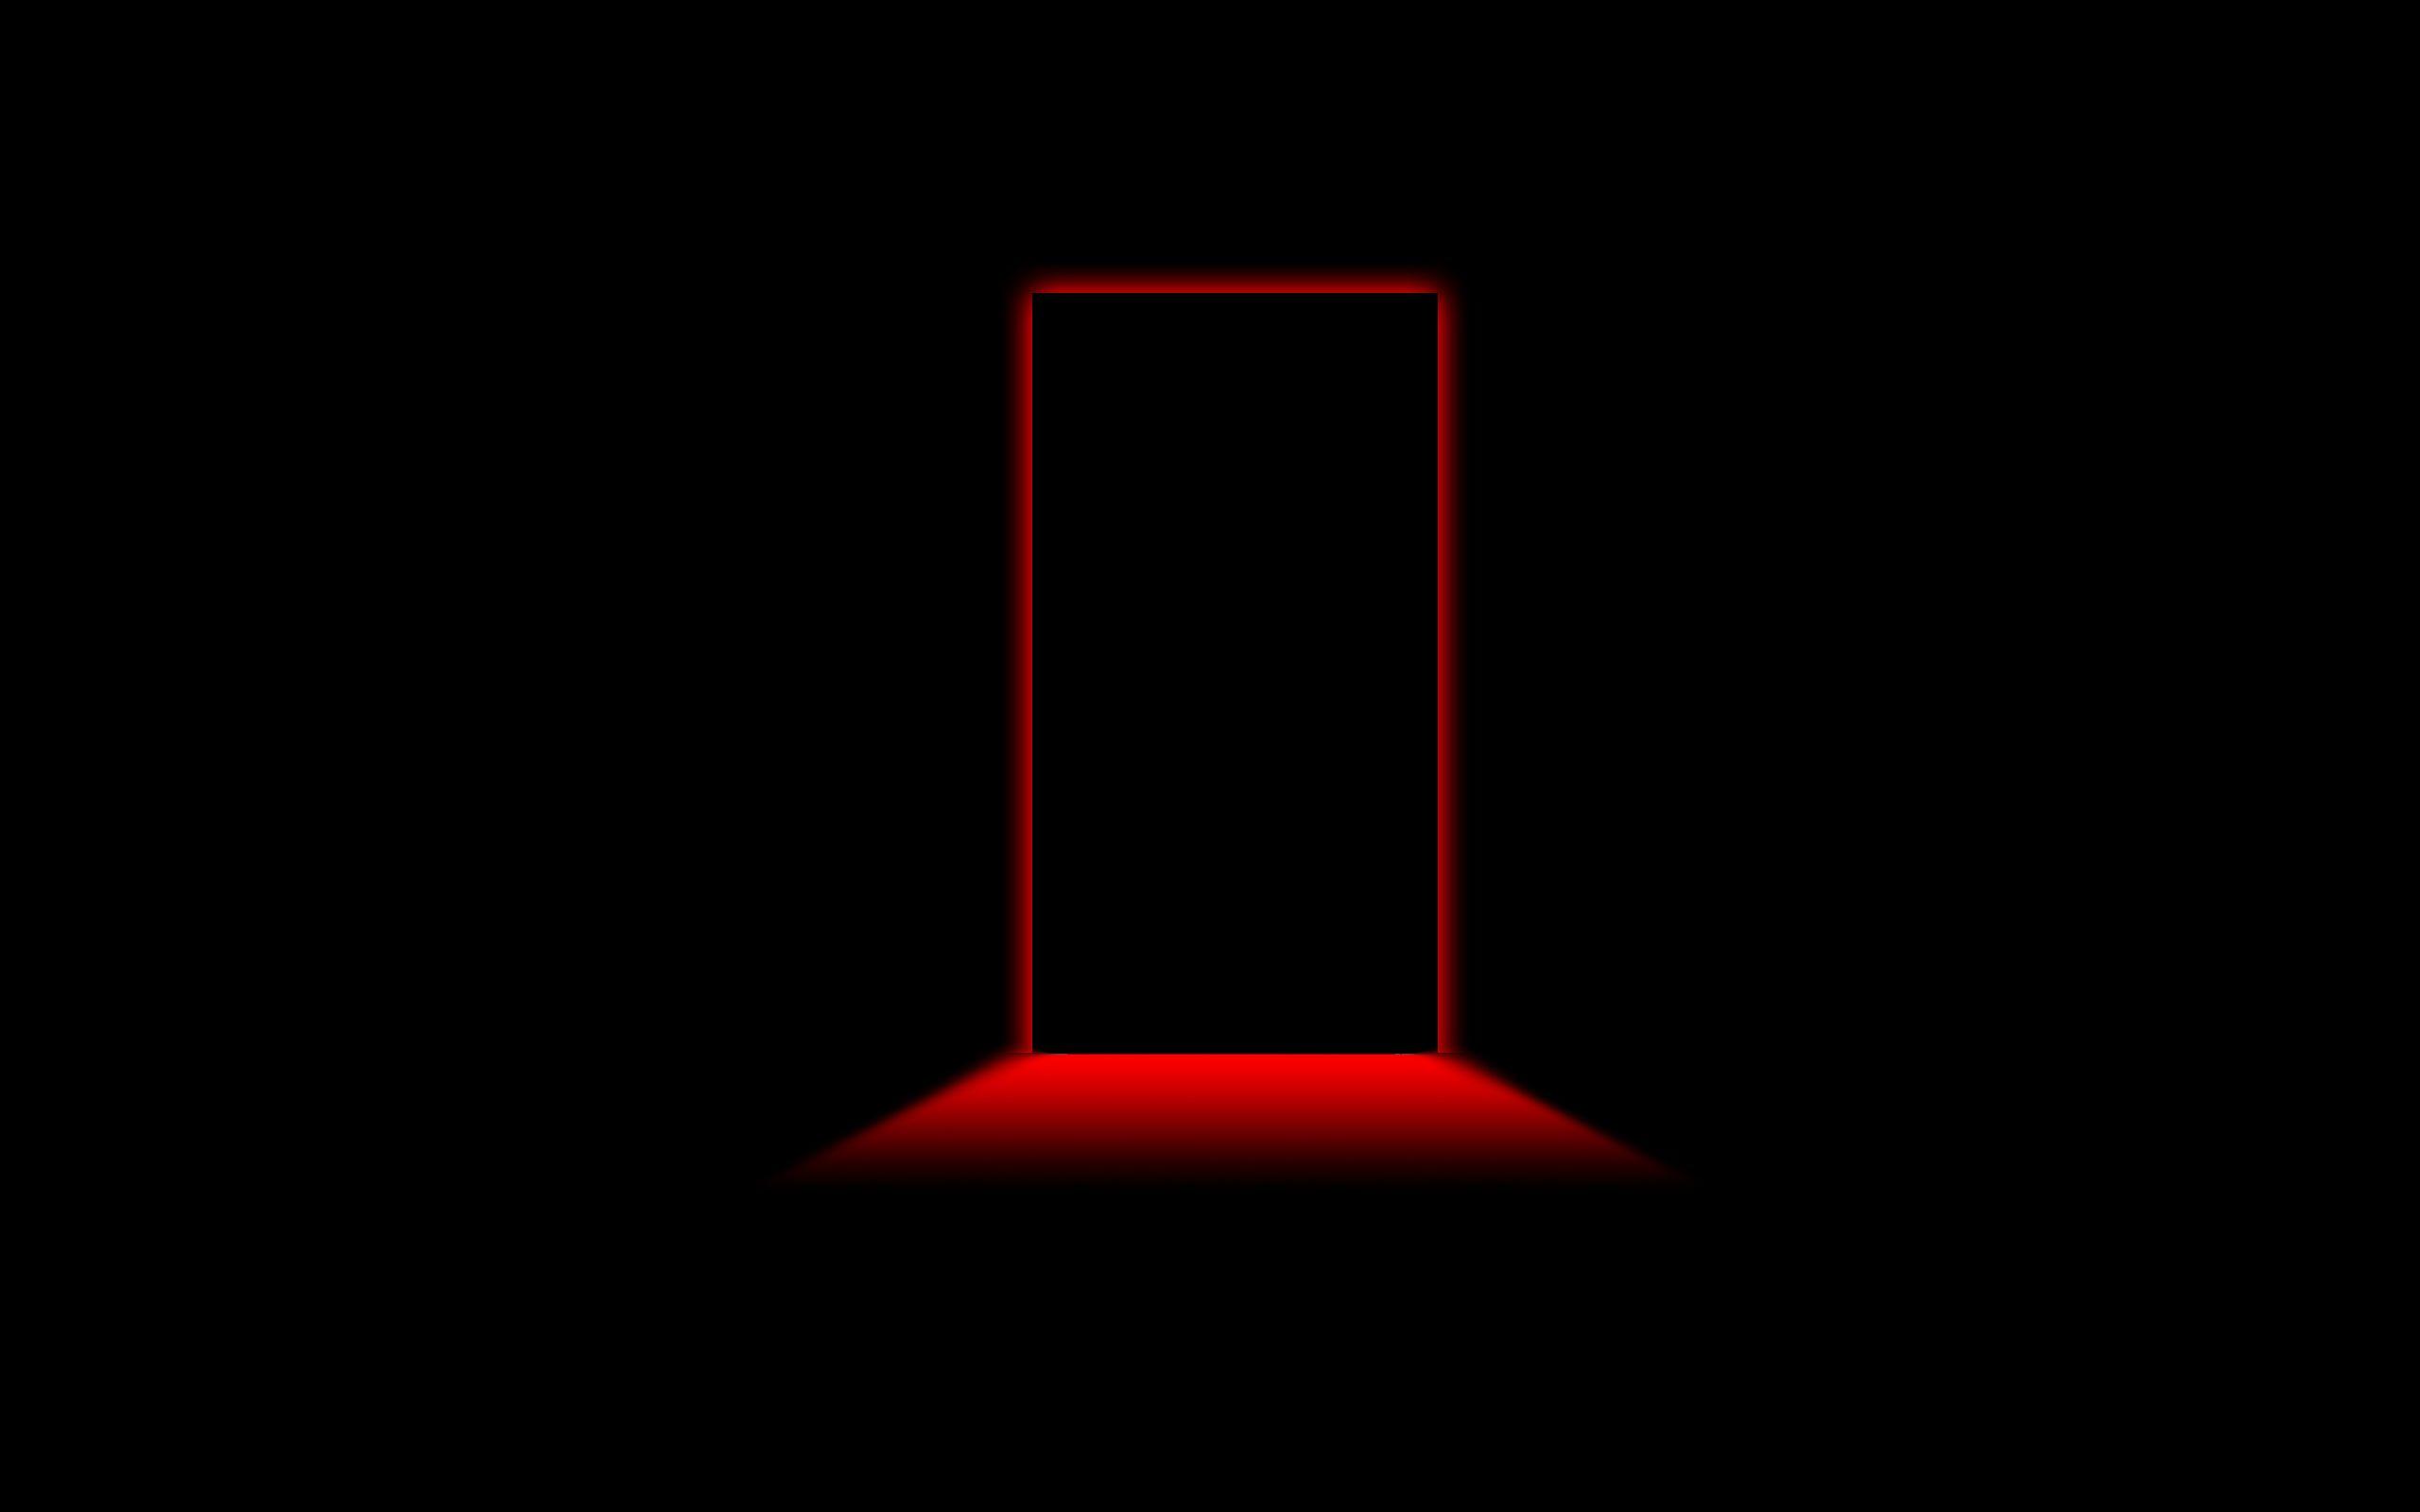 Resultado de imagen de shadows through a door & Resultado de imagen de shadows through a door | N8 | Pinterest